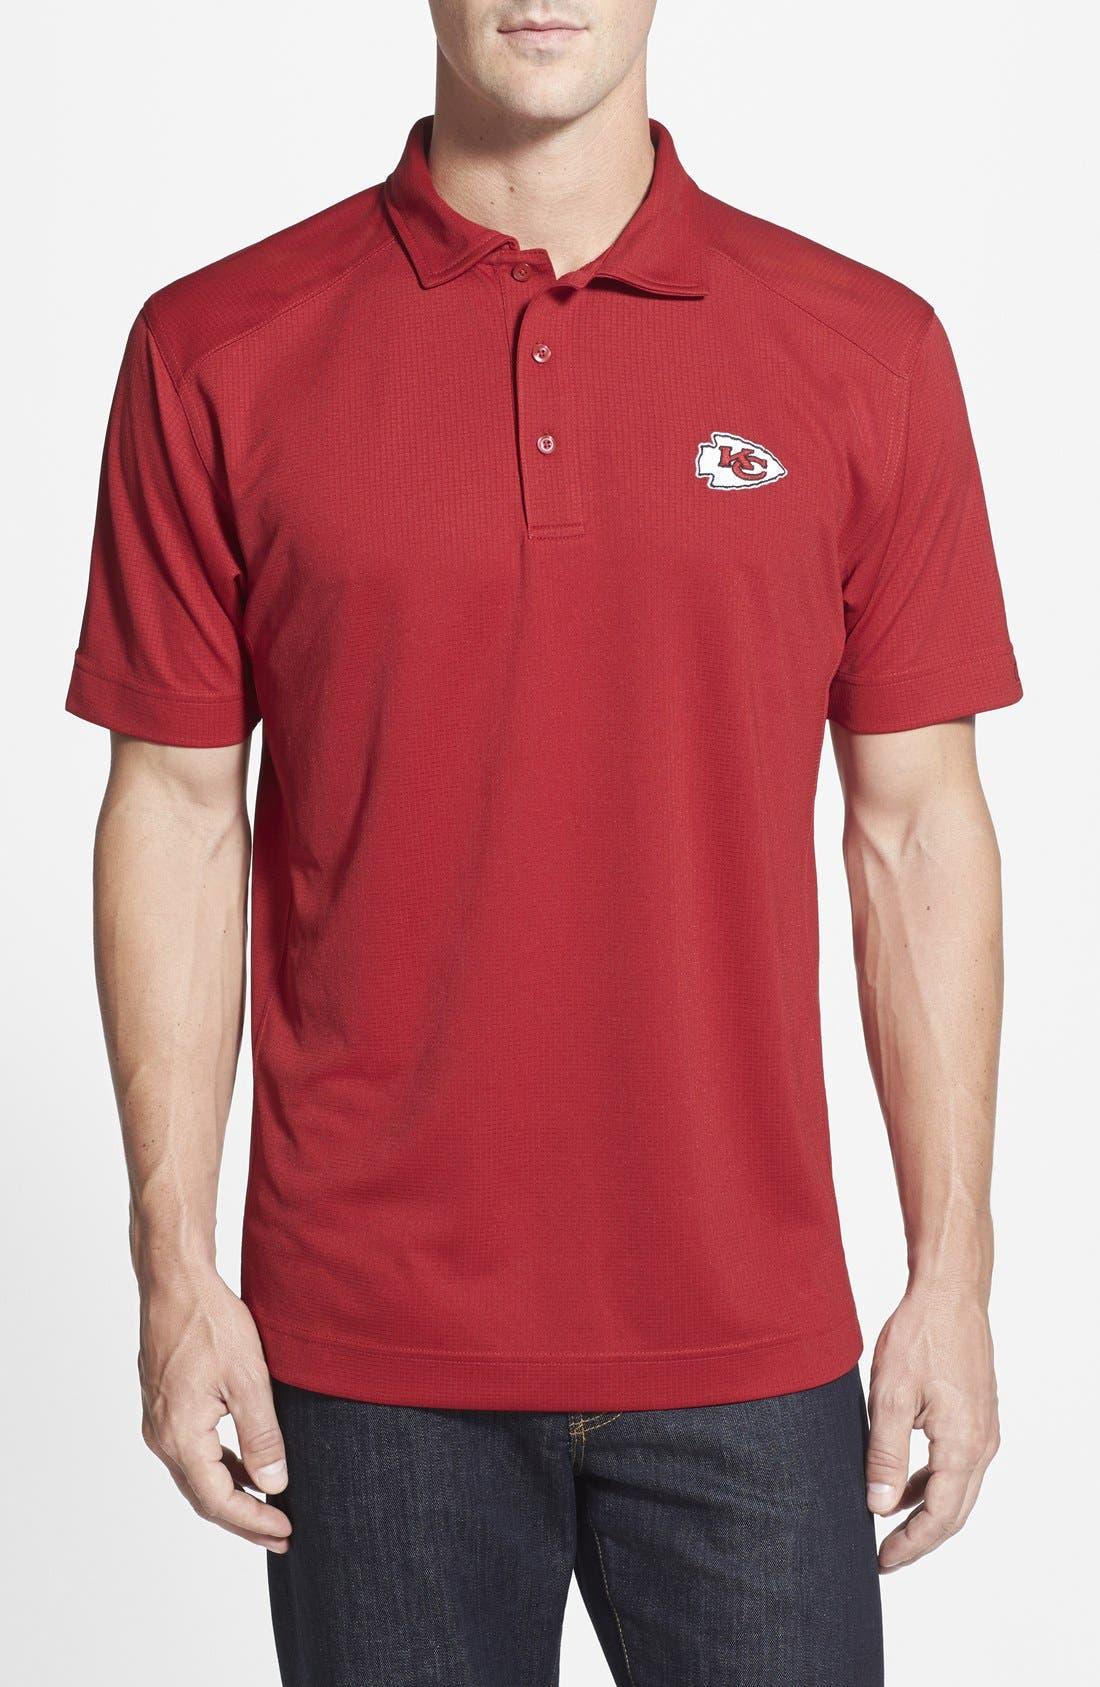 Kansas City Chiefs - Genre DryTec Moisture Wicking Polo,                         Main,                         color, Cardinal Red